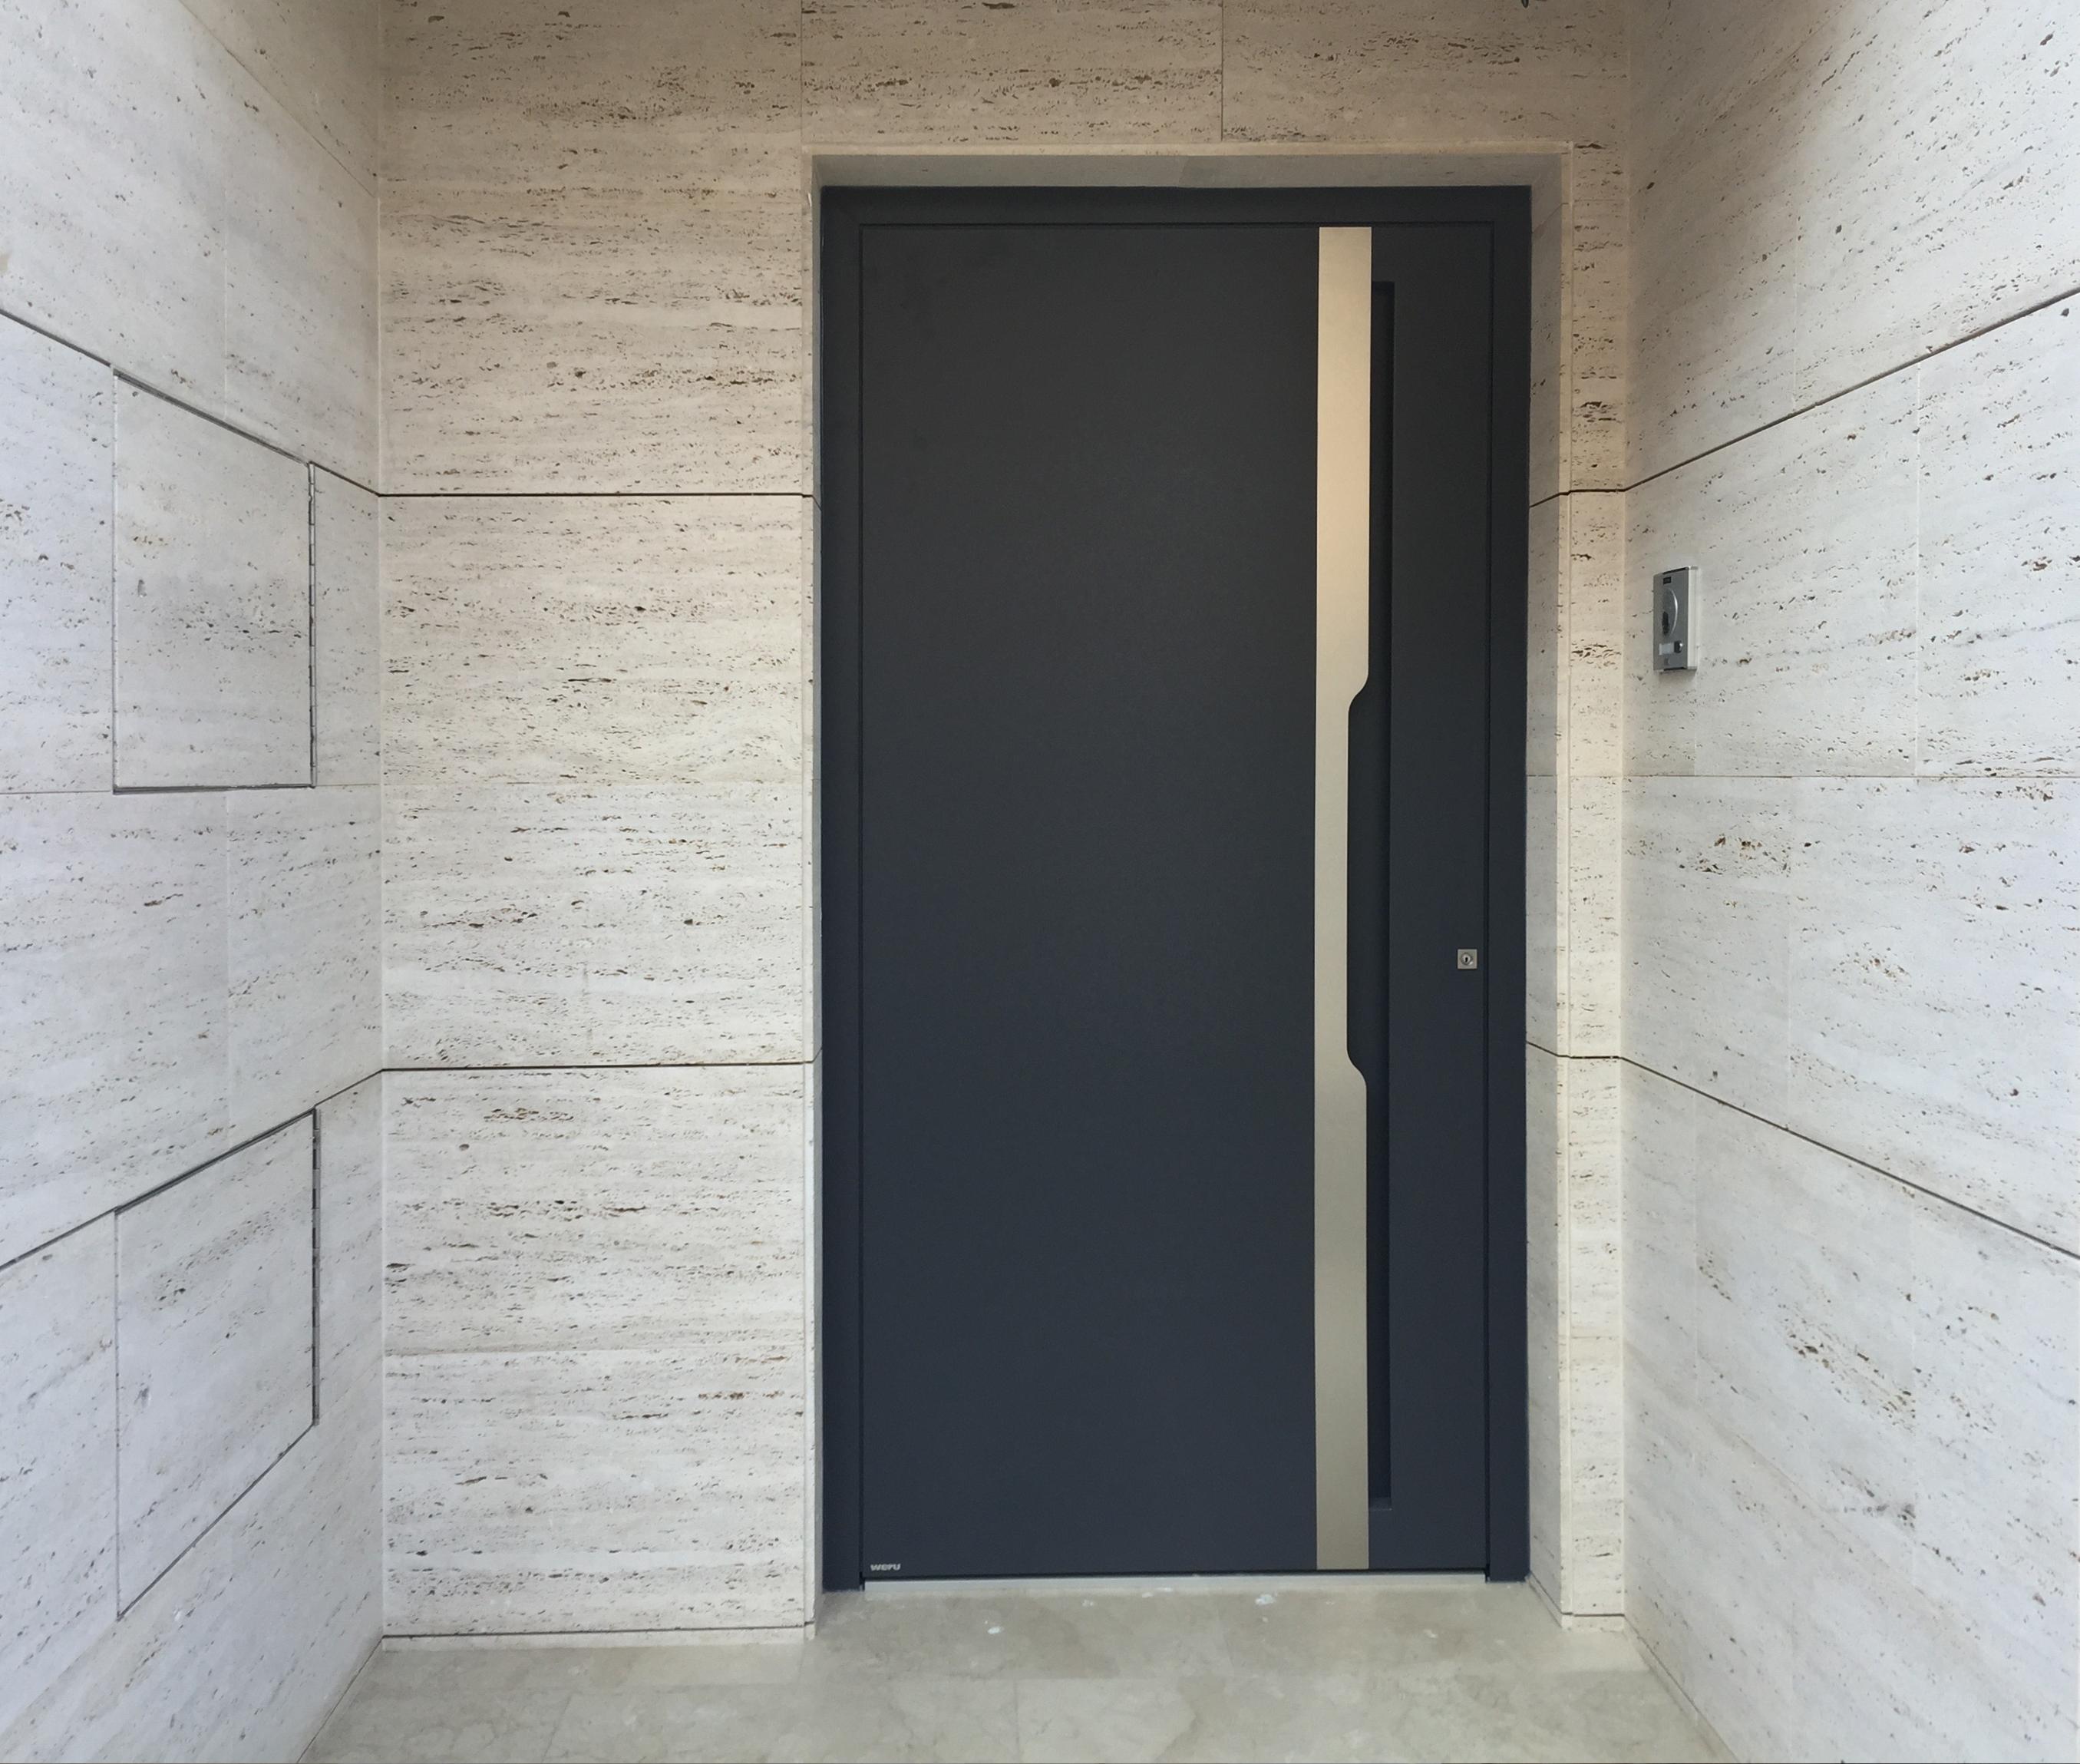 Puertas de entrada de pvc precios good puerta de entrada en madera de iroko with puertas de - Puertas de entrada precios ...